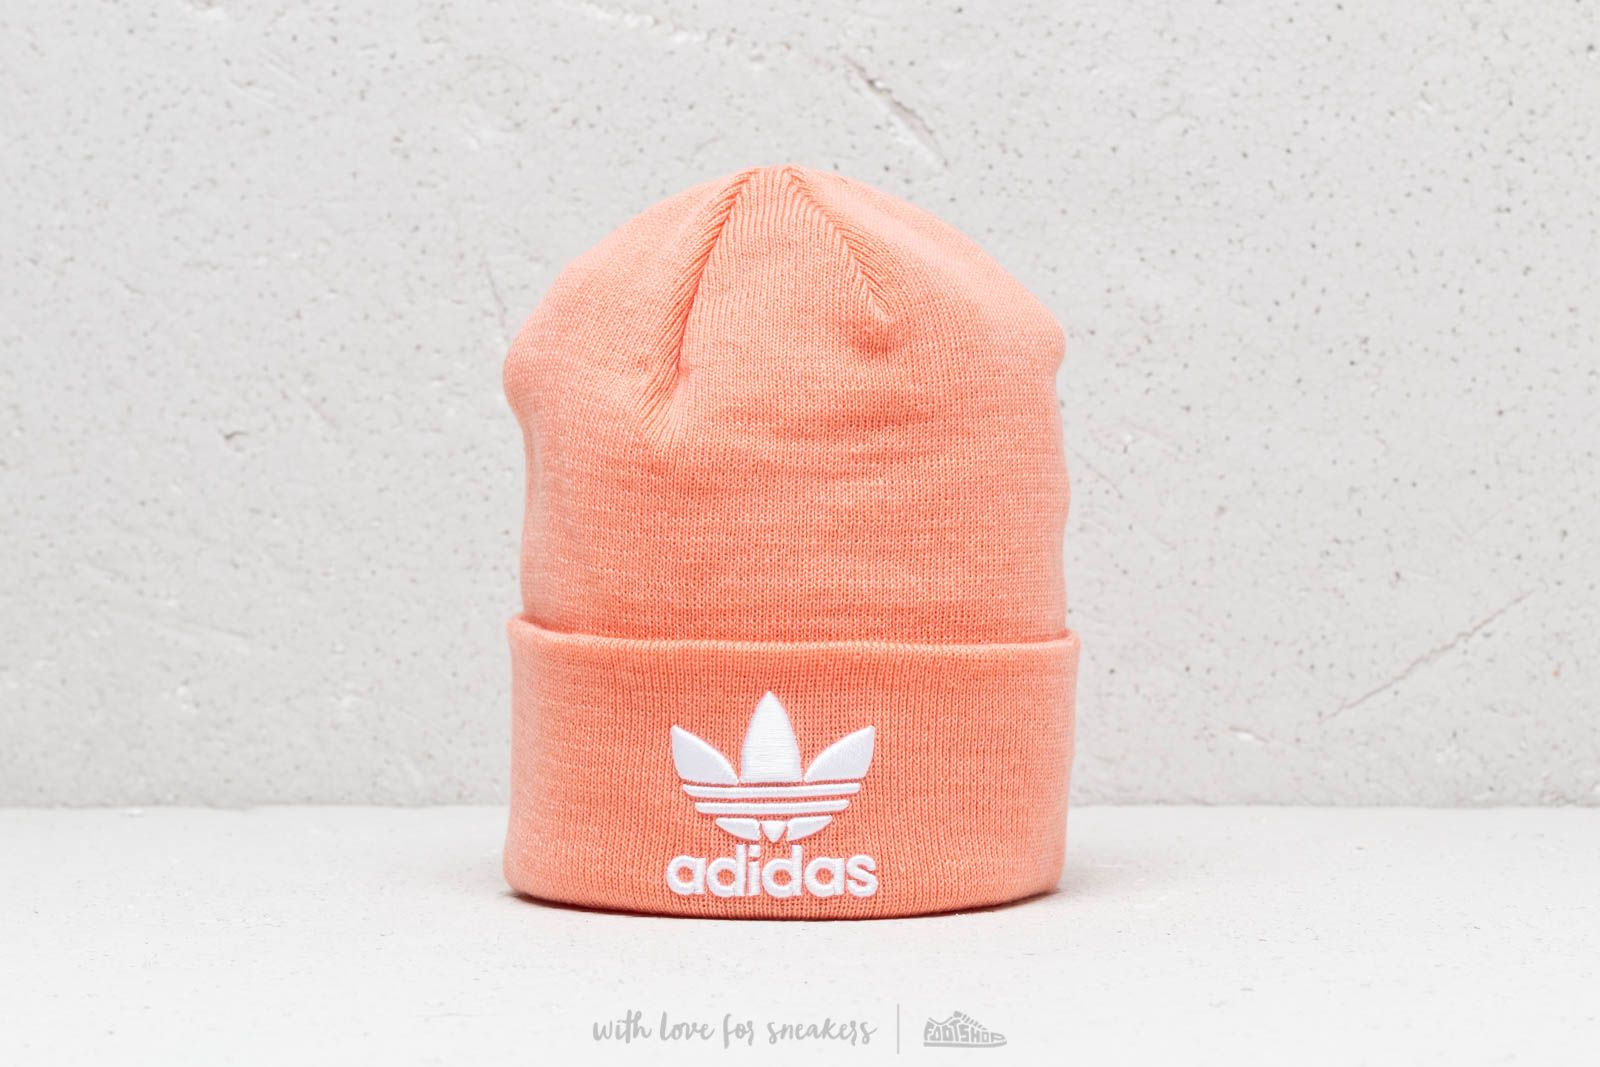 adidas Trefoil Beanie Dust Pink/ White za skvělou cenu 399 Kč koupíte na Footshop.cz